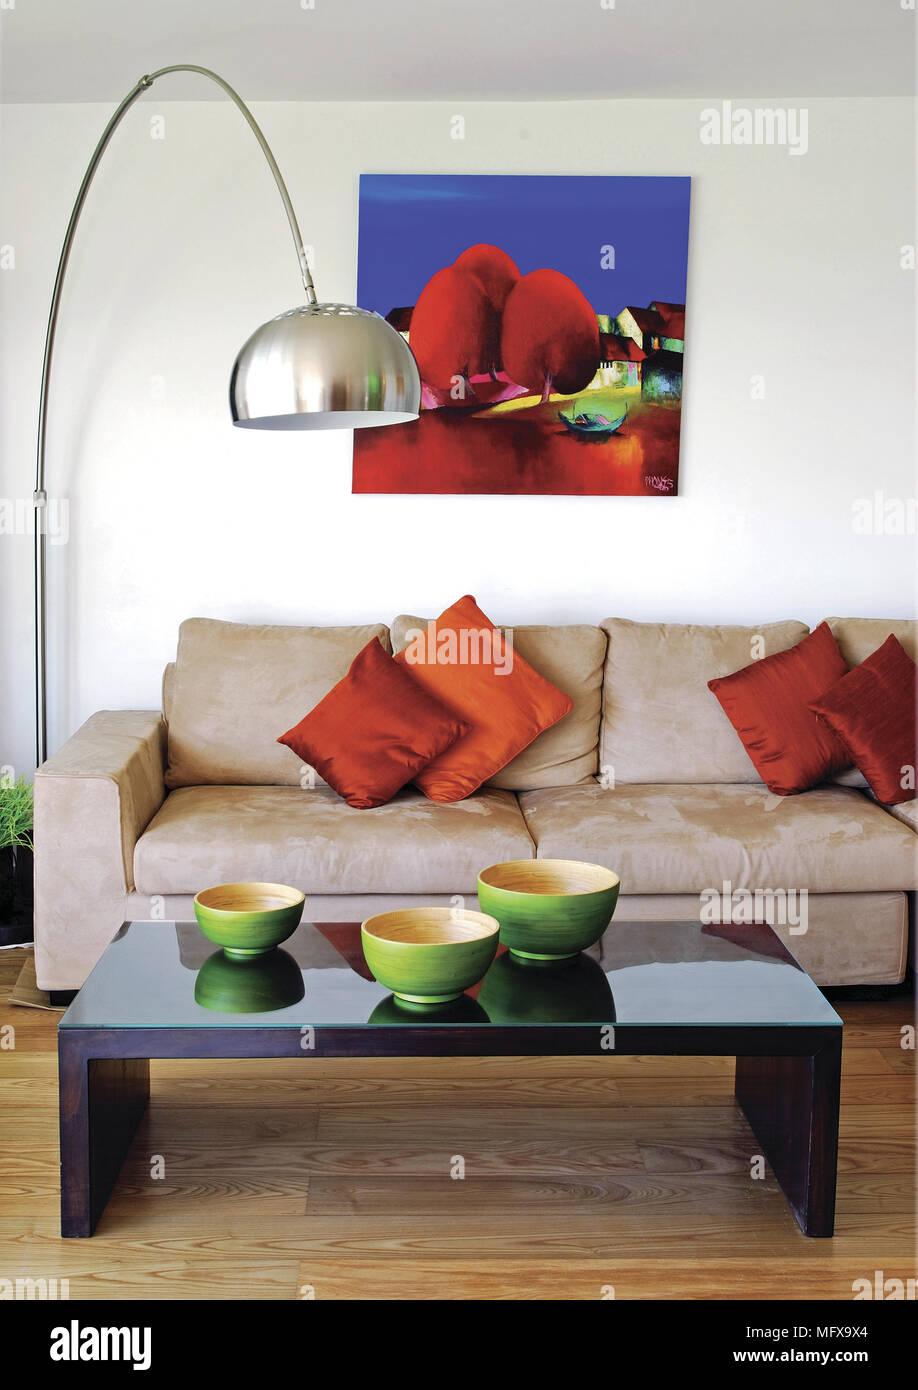 Bogen Lampe neben Sofas mit roten Kissen in der modernen